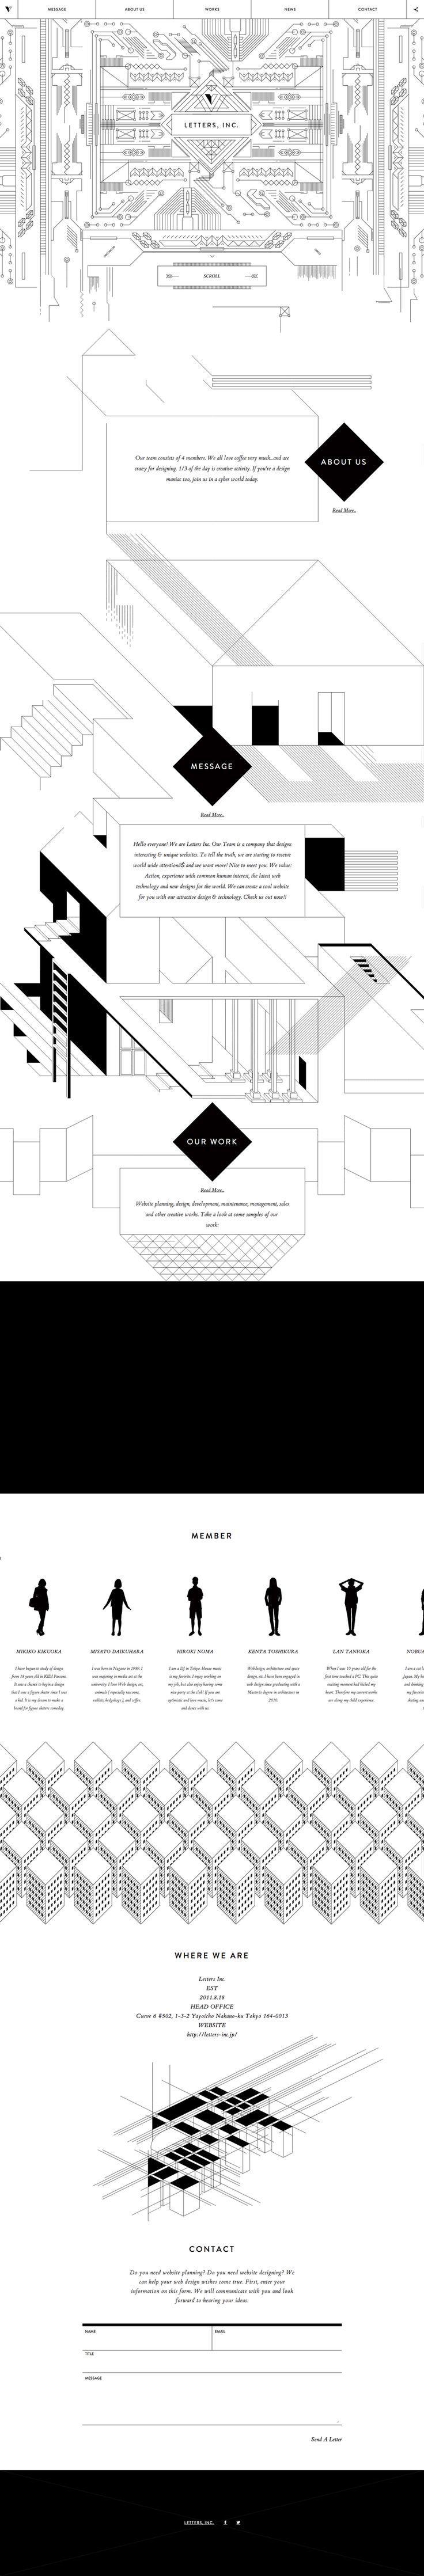 Unique Web Design, Letters Inc. #WebDesign #Design (http://www.pinterest.com/aldenchong/):